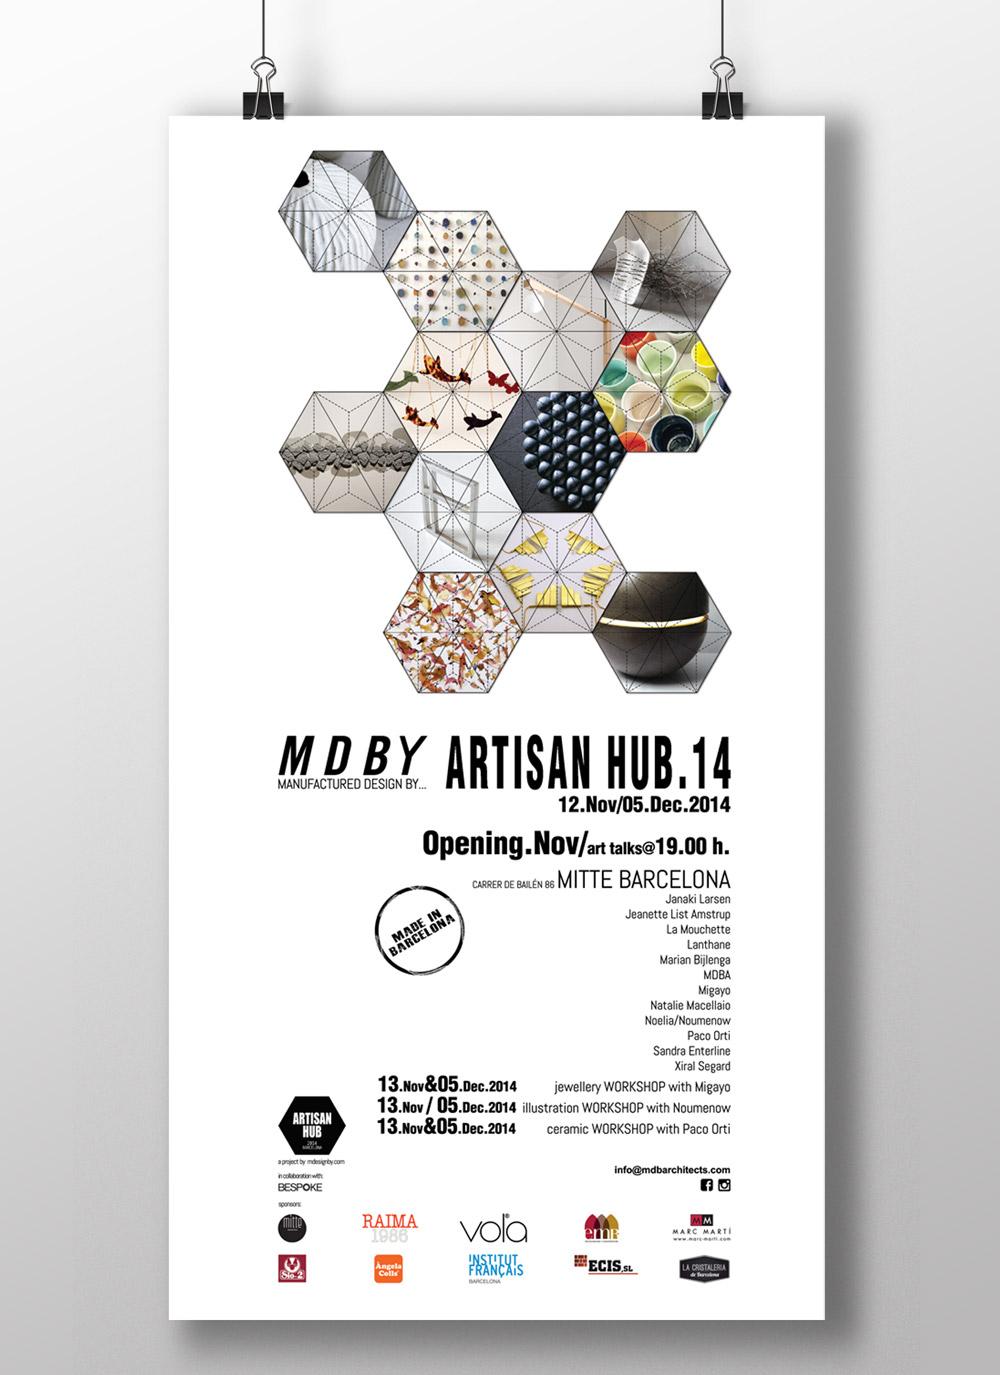 DIS_2014_MDBY_ARTISANHUB_01